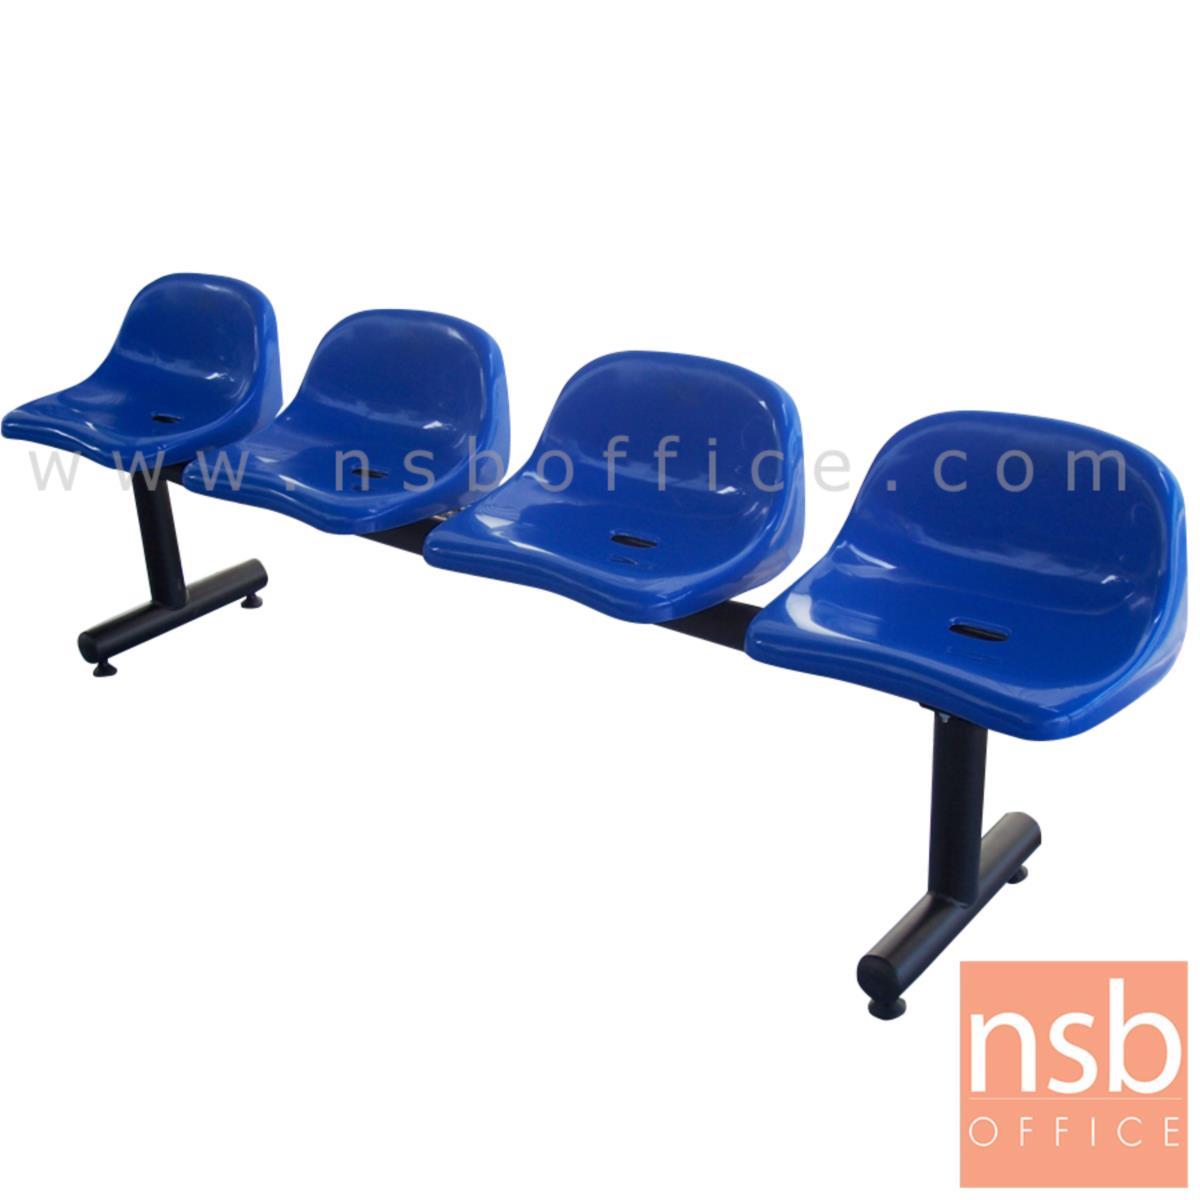 B06A036:เก้าอี้นั่งคอยเฟรมโพลี่ รุ่น Phantom 2 ,3 ,4 ที่นั่ง ขนาด 105W ,155W ,219W cm. ขาเหล็ก